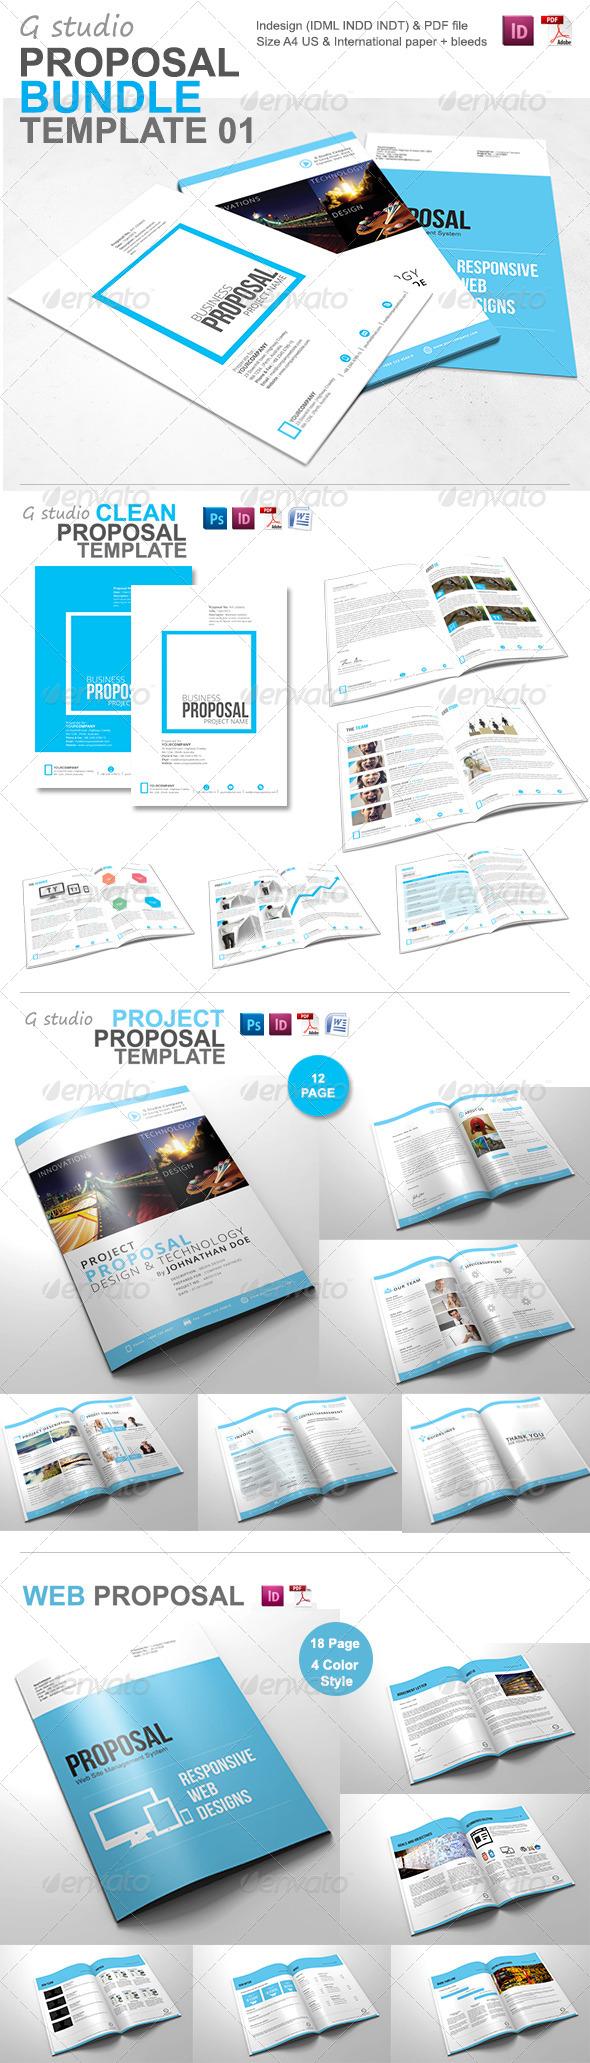 GraphicRiver Gstudio Proposal Bundle 01 5740520